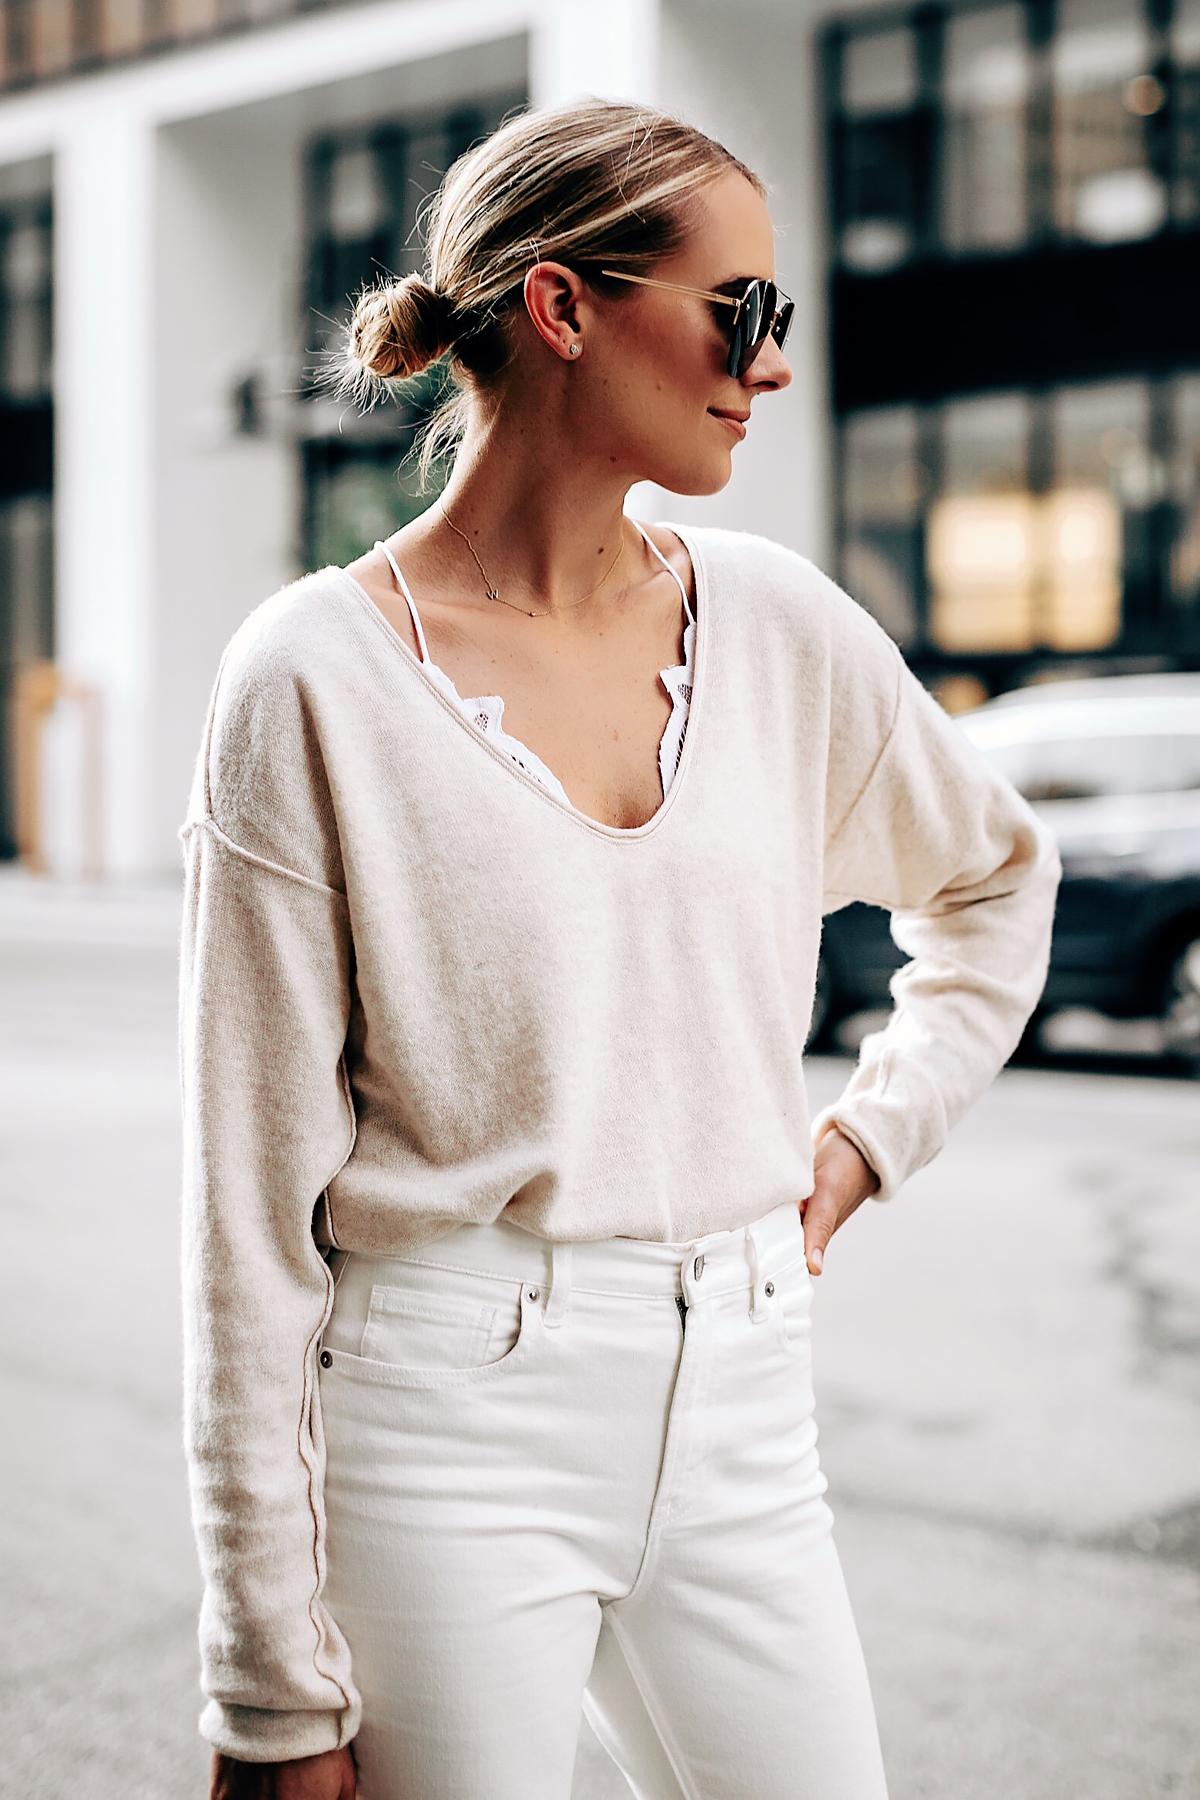 áo bralette mặc bên trong áo thun tay dài